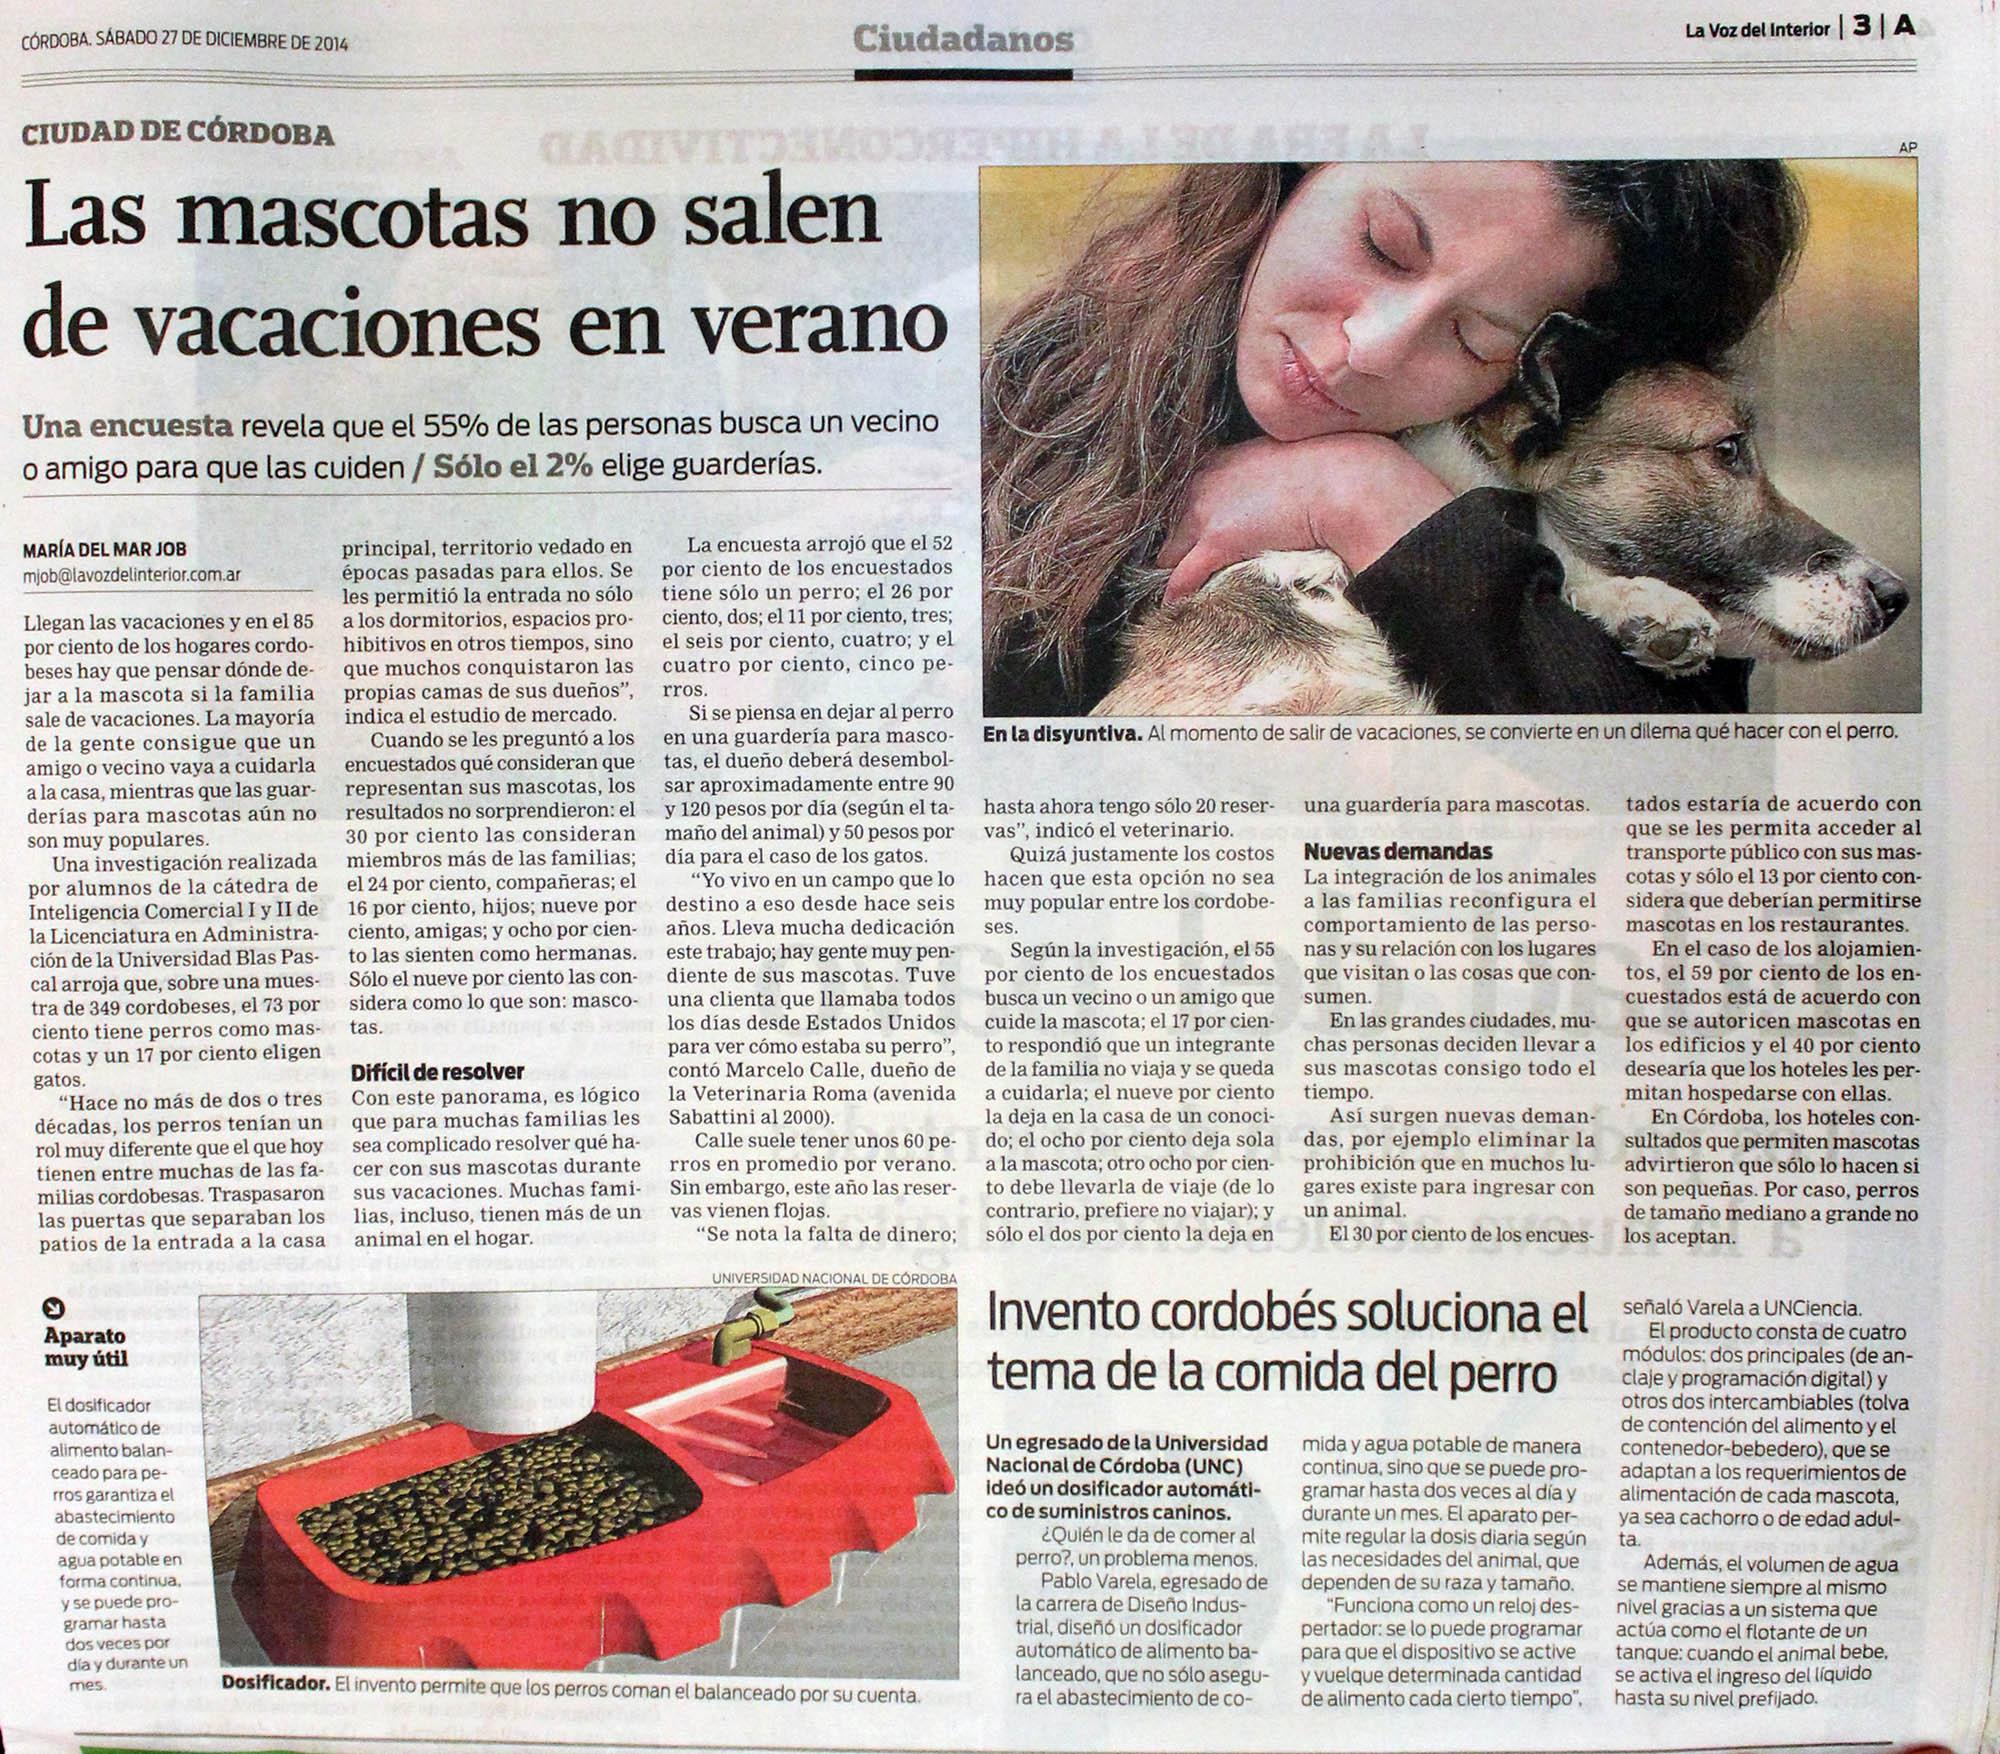 27 12 2014 las mascotas no salen de vacaciones en verano universidad blas pascal - La voz del interior ...